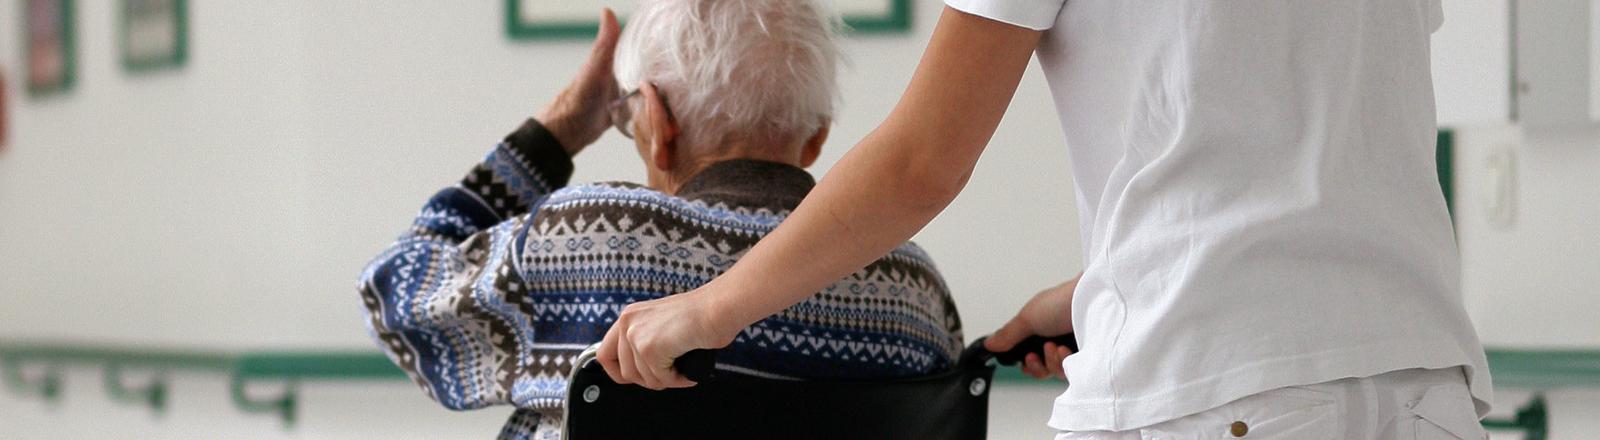 Pflegerin schiebt einen alten Mann im Rollstuhl vor sich her.